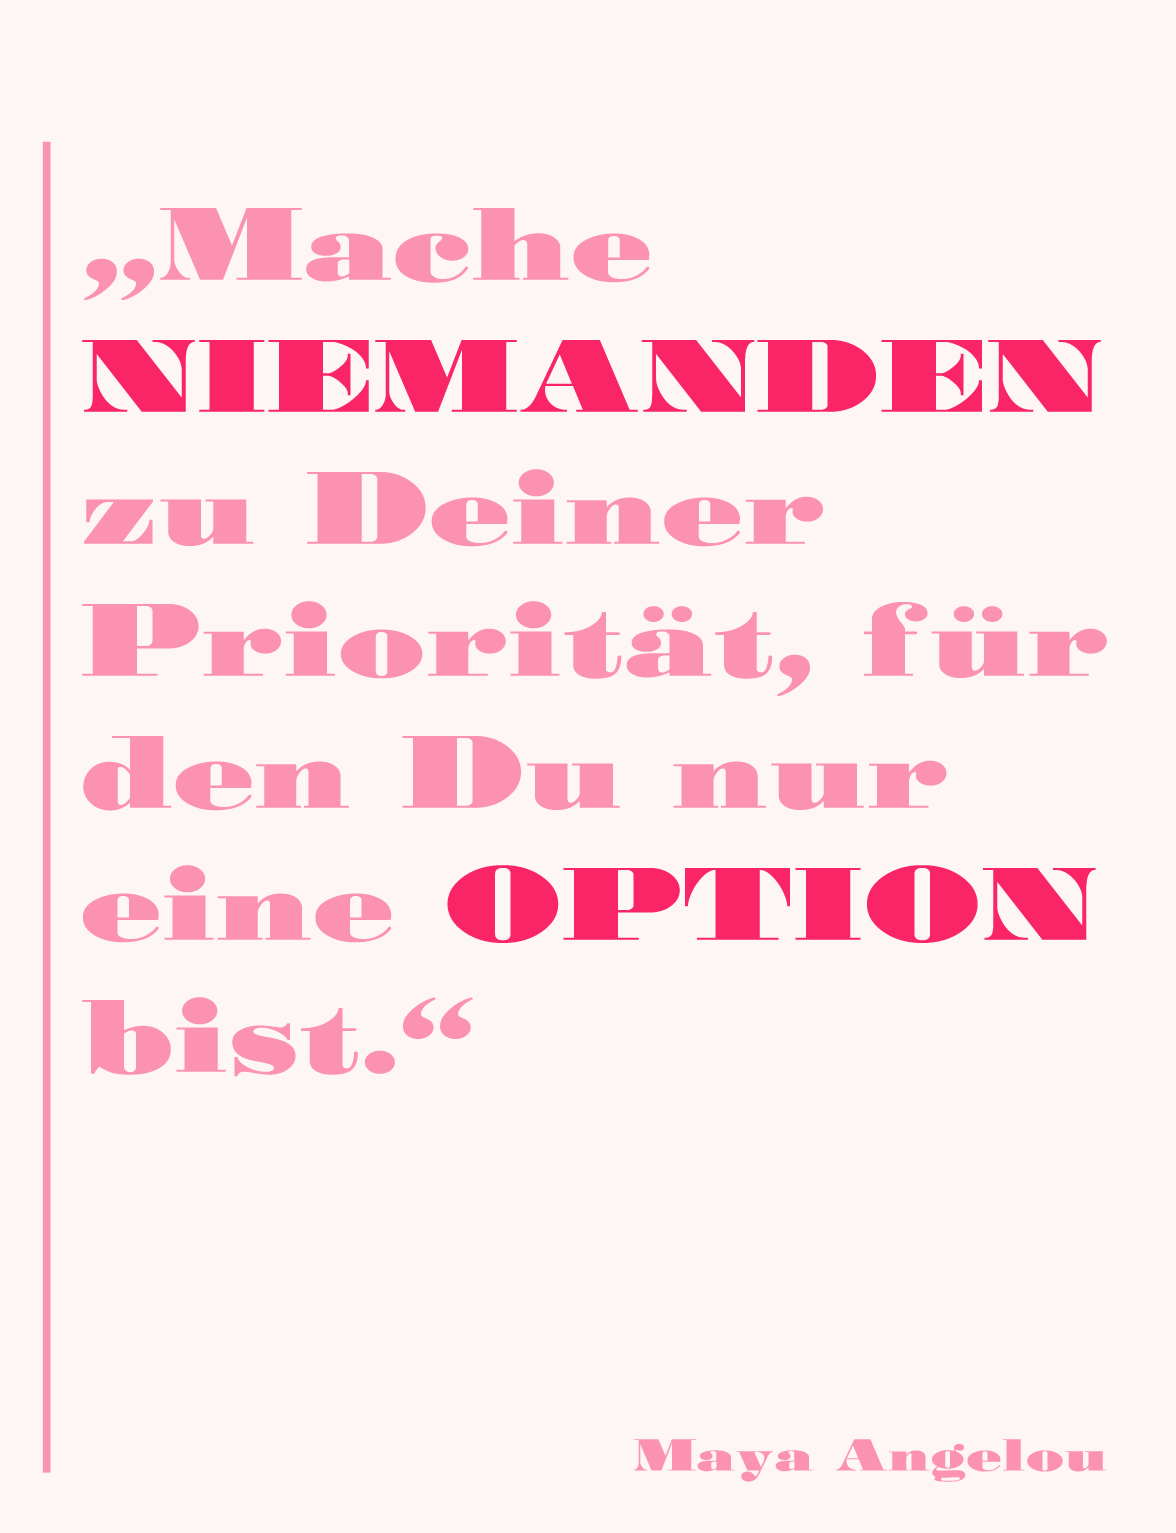 Mache niemanden zu deiner priorität für den du nur eine option bist